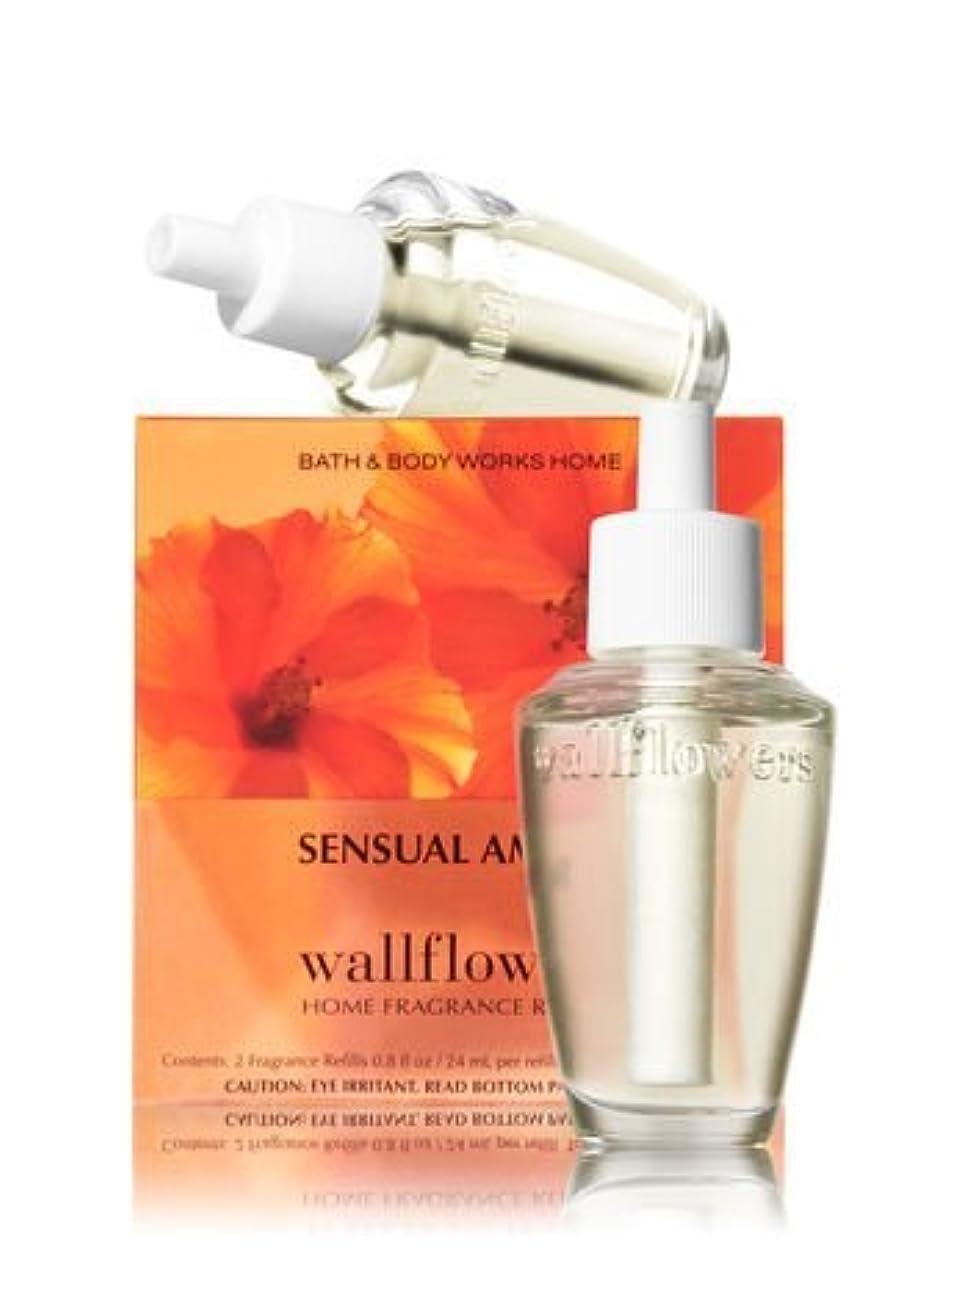 すでに一緒送る【Bath&Body Works/バス&ボディワークス】 ルームフレグランス 詰替えリフィル(2個入り) センシュアルアンバー Wallflowers Home Fragrance 2-Pack Refills Sensual Amber [並行輸入品]